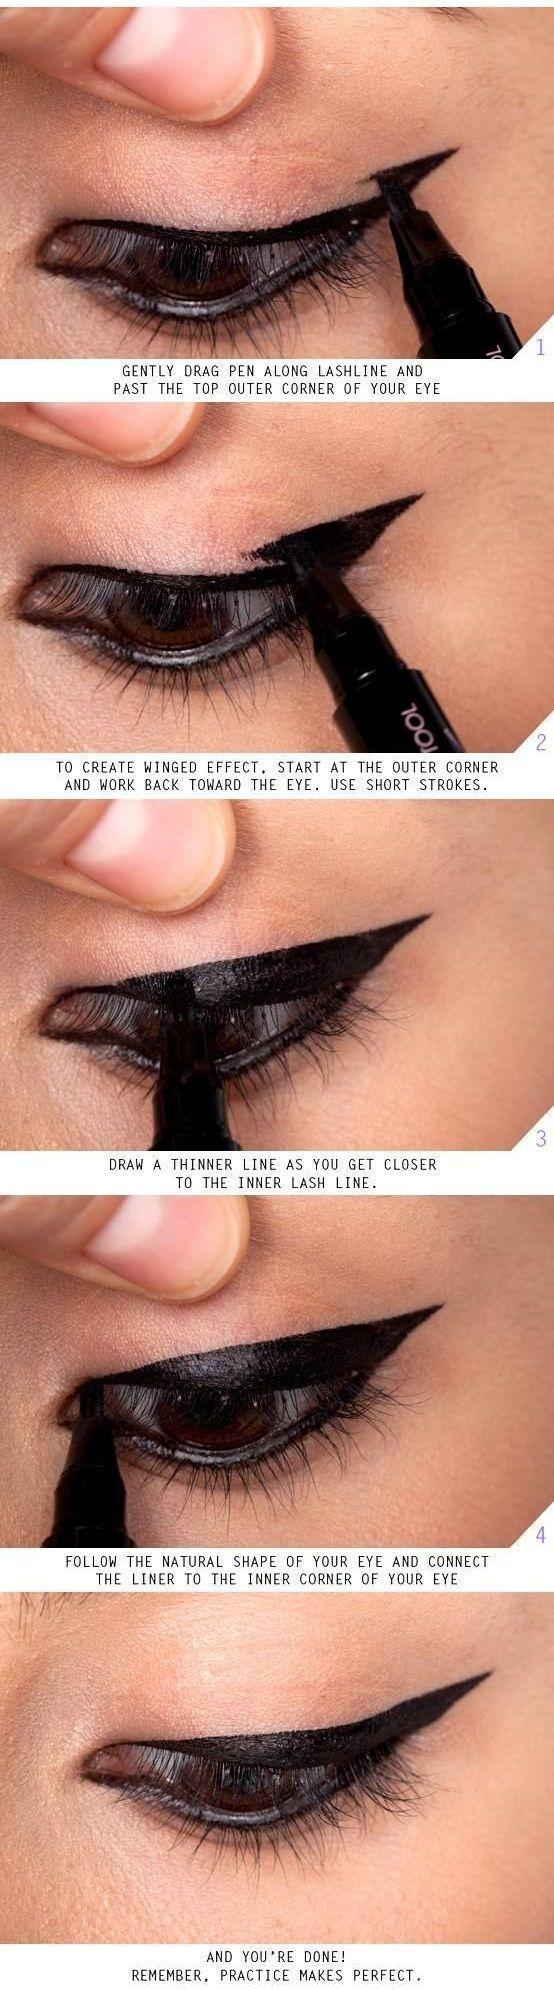 Great Eyeliner Hacks